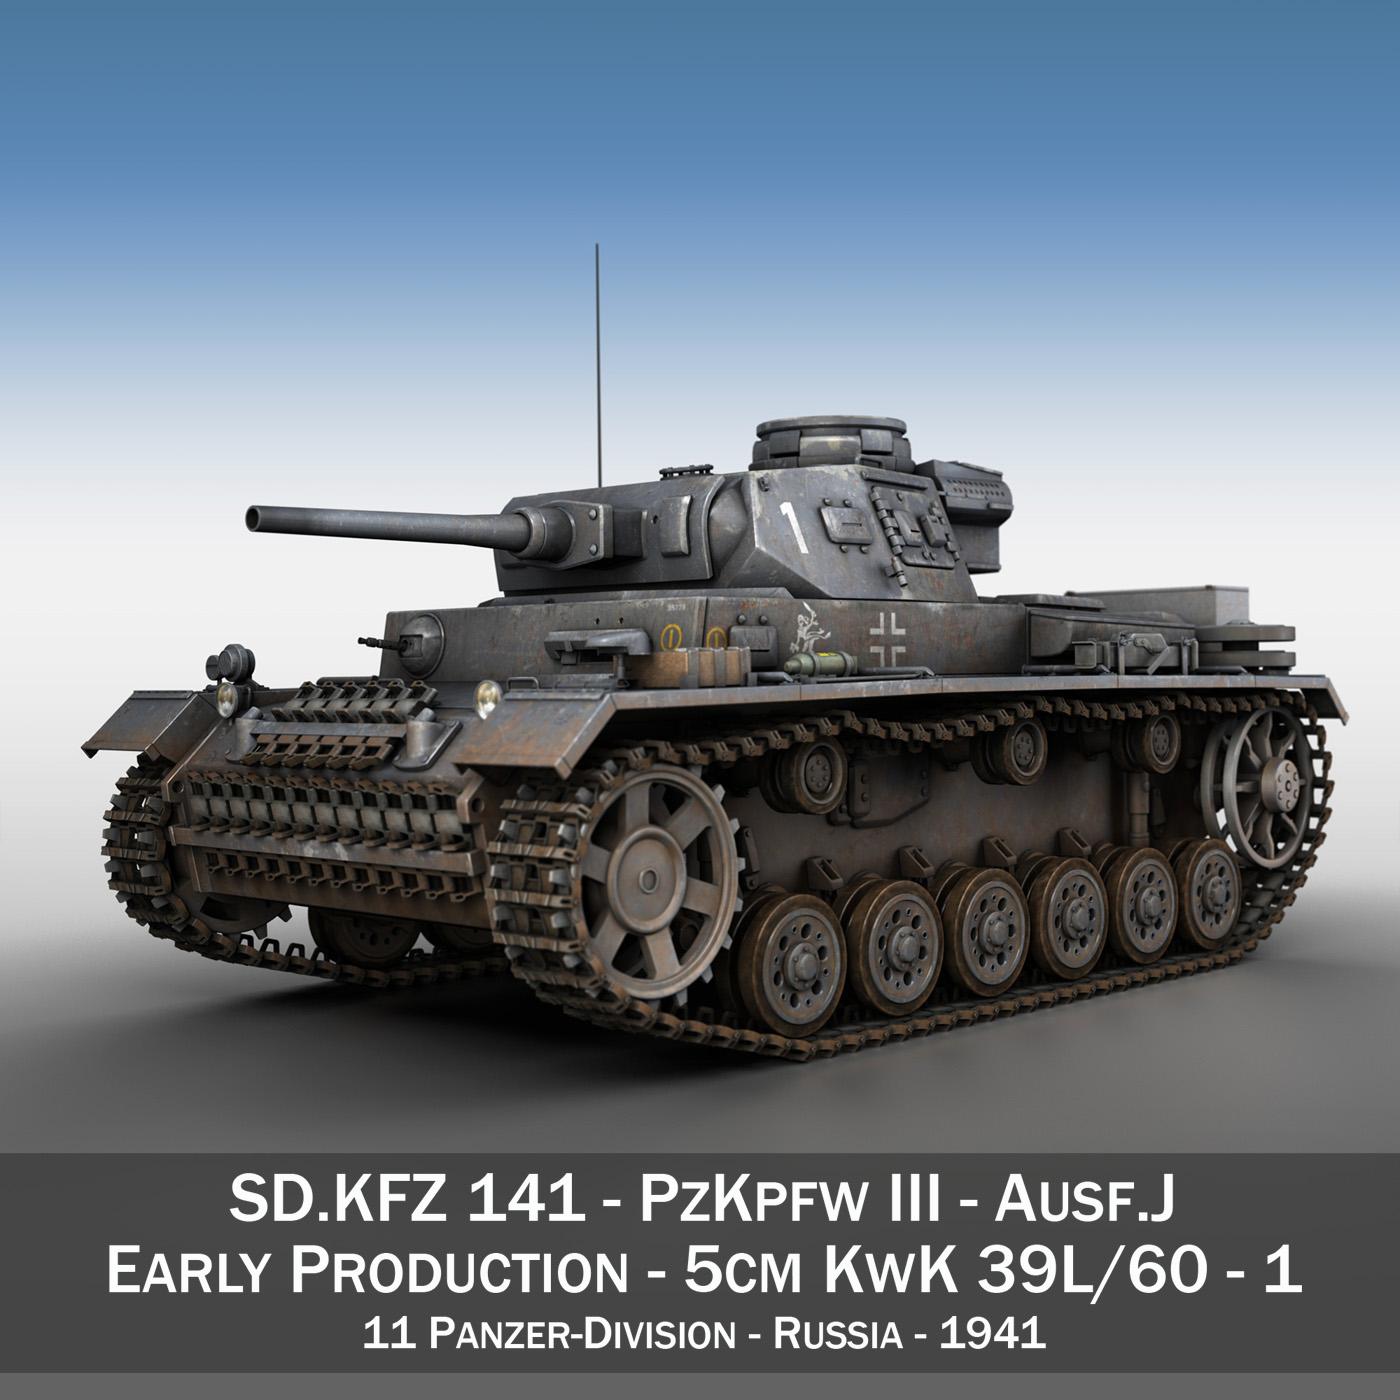 PzKpfw III - Panzer 3 - Ausf.J - 1K 3d model  266444